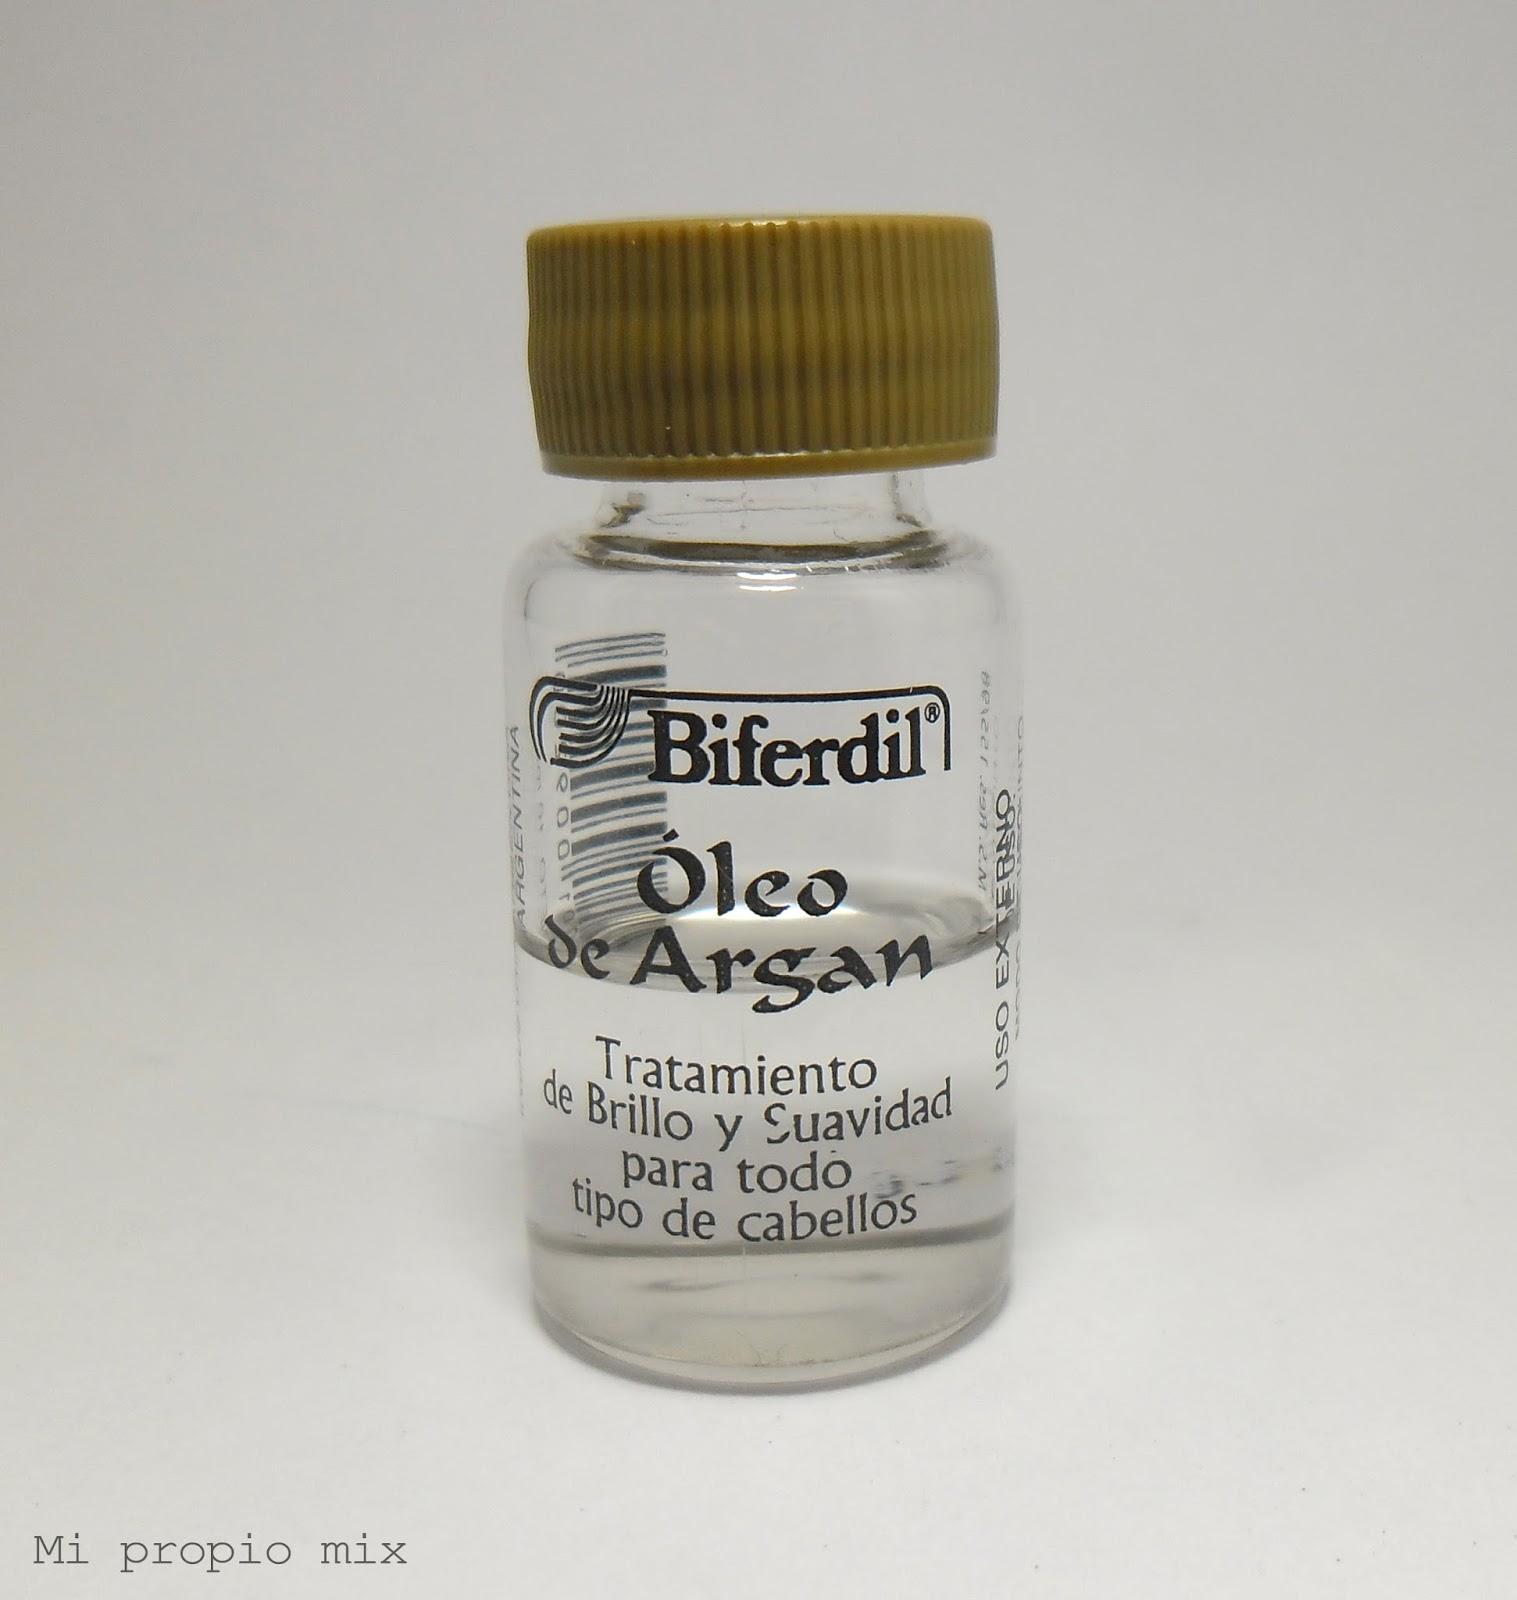 Biferdil oleo de Argan